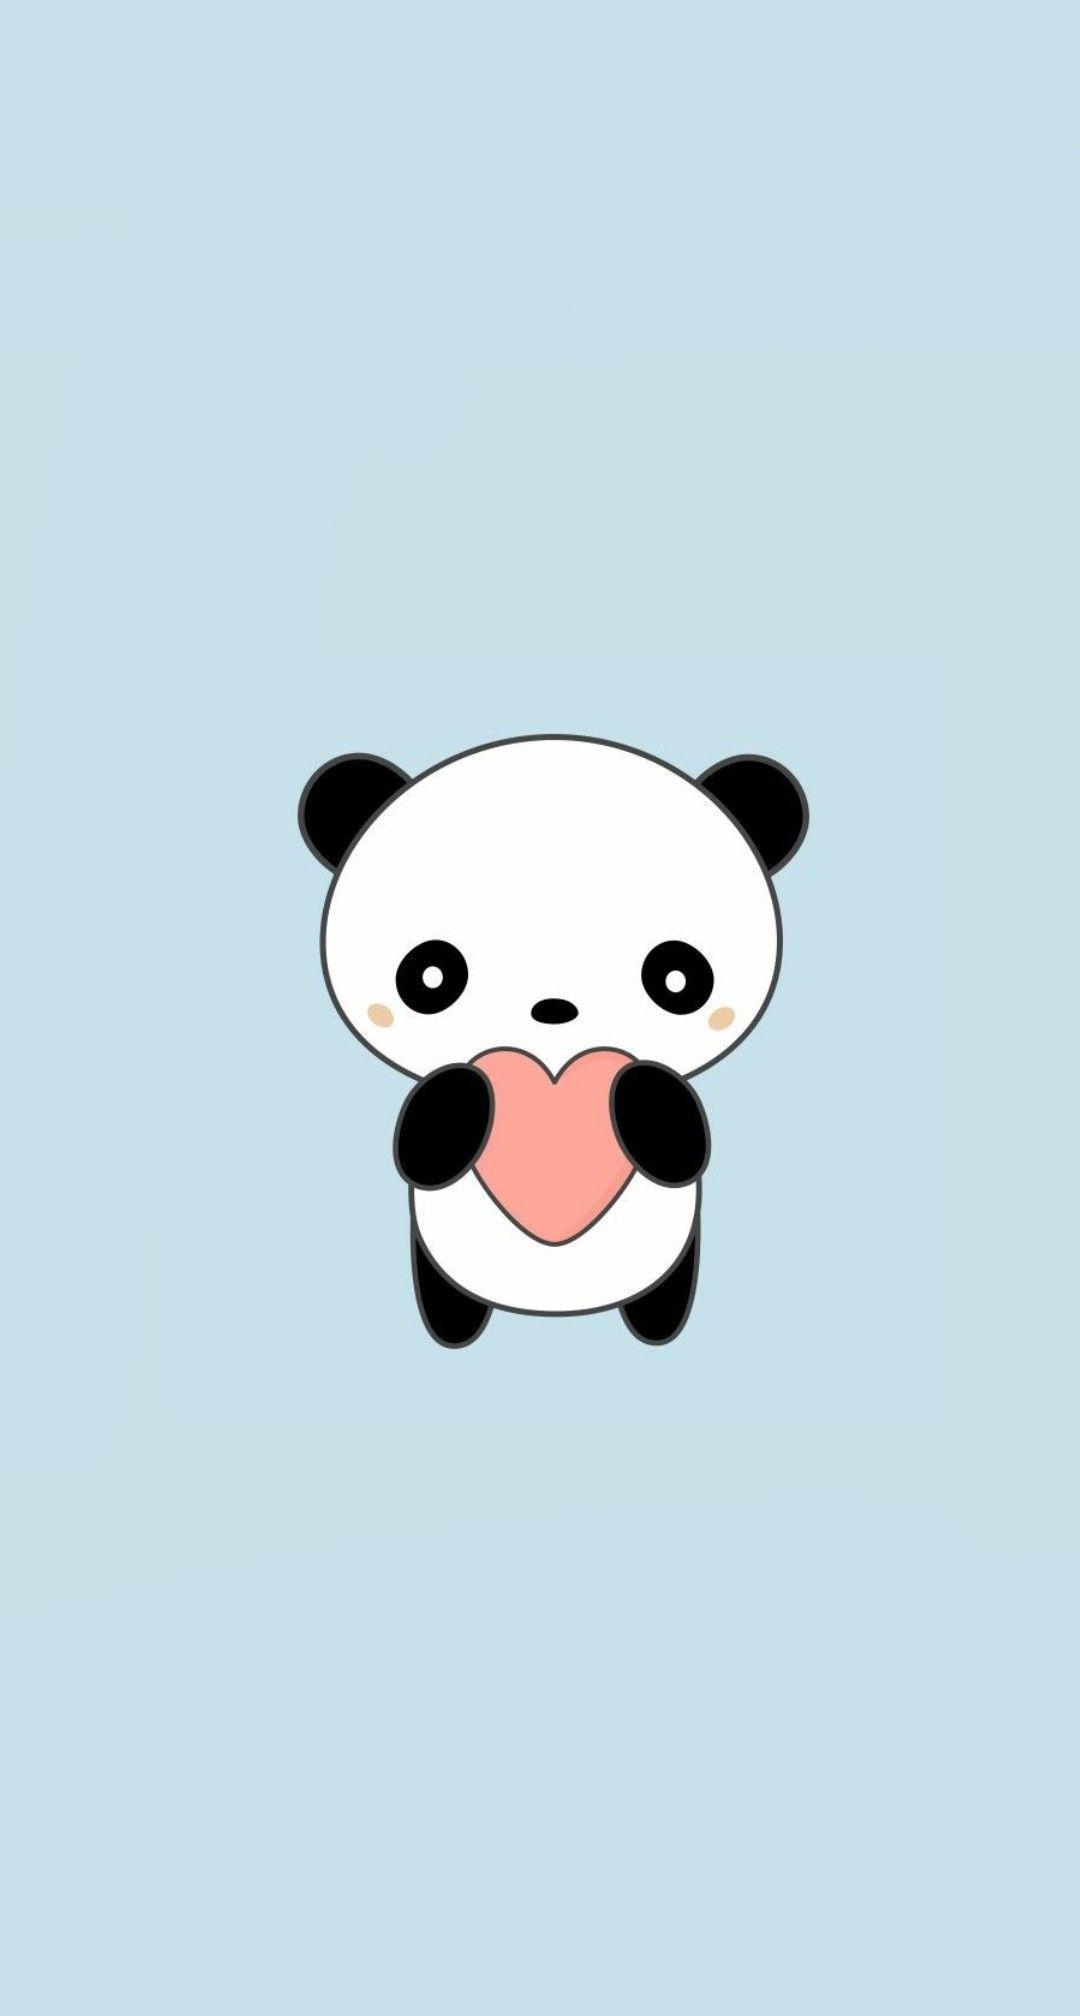 Panda Wallpaper Cute Panda Wallpaper Panda Wallpapers Panda Bear Art